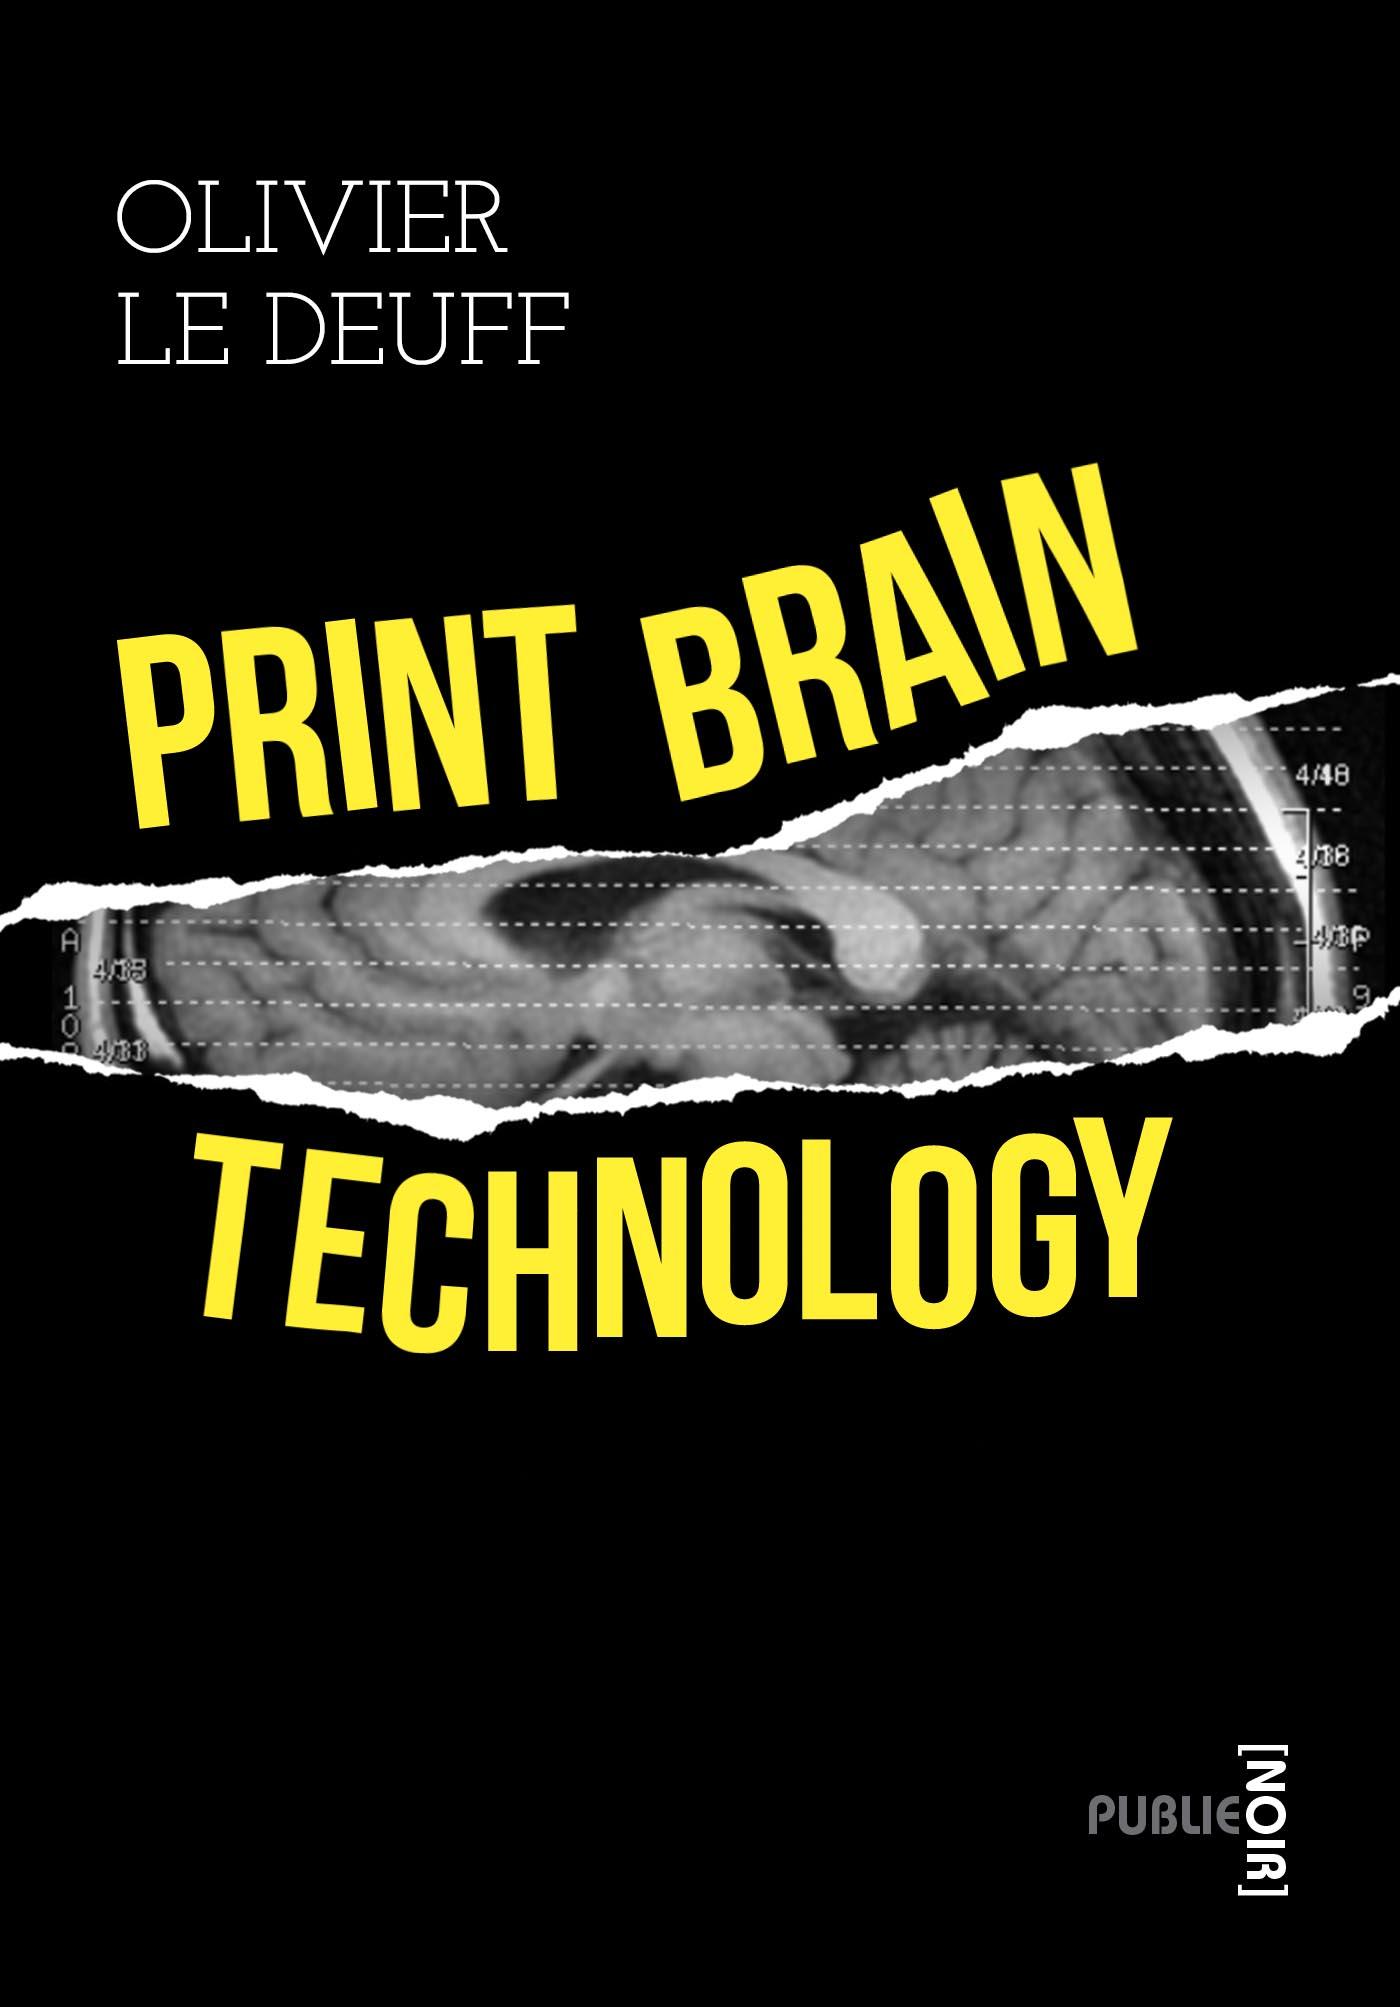 Couverture de Print Brain Technology, d'Olivier Le Deuff